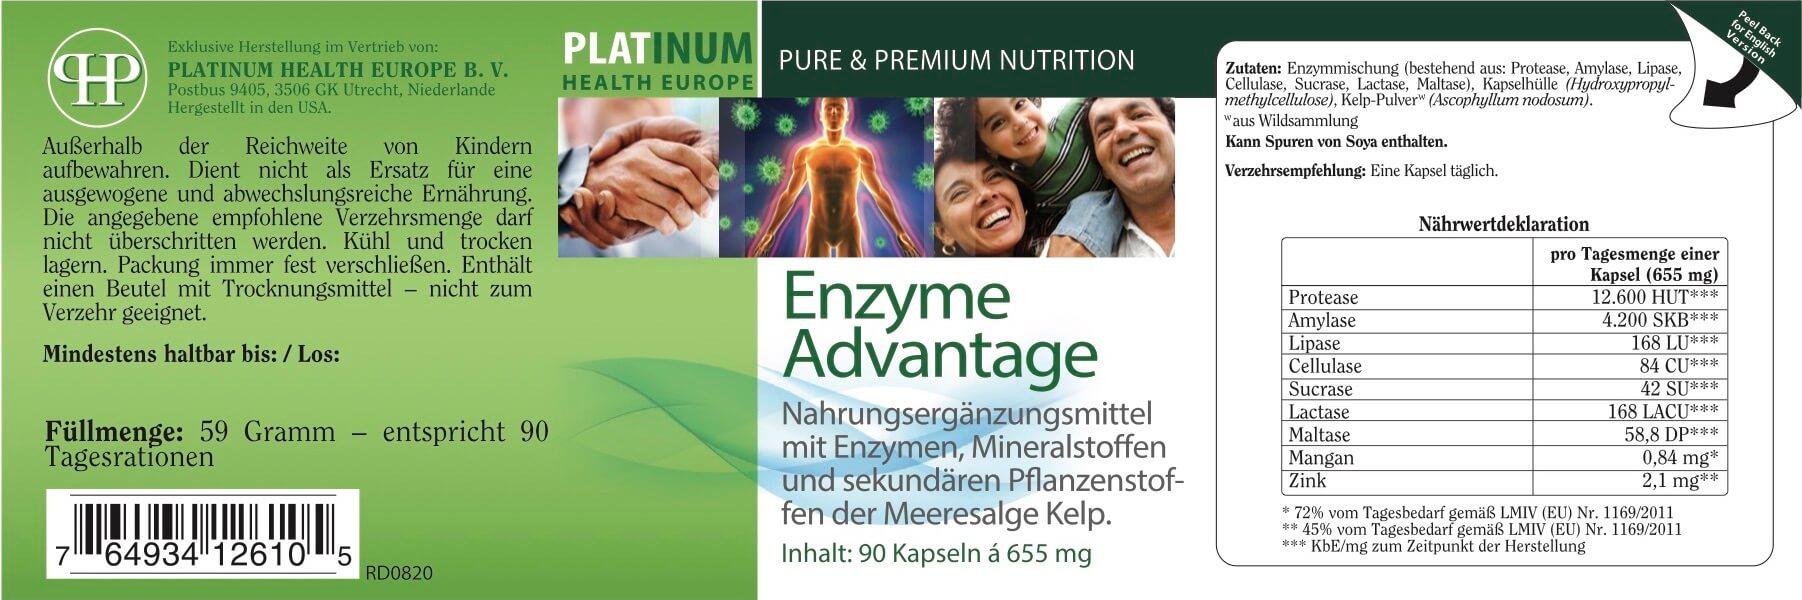 PHE_Enzyme_Advantage__2610E_2x6in_RD0820_PRINT_DE